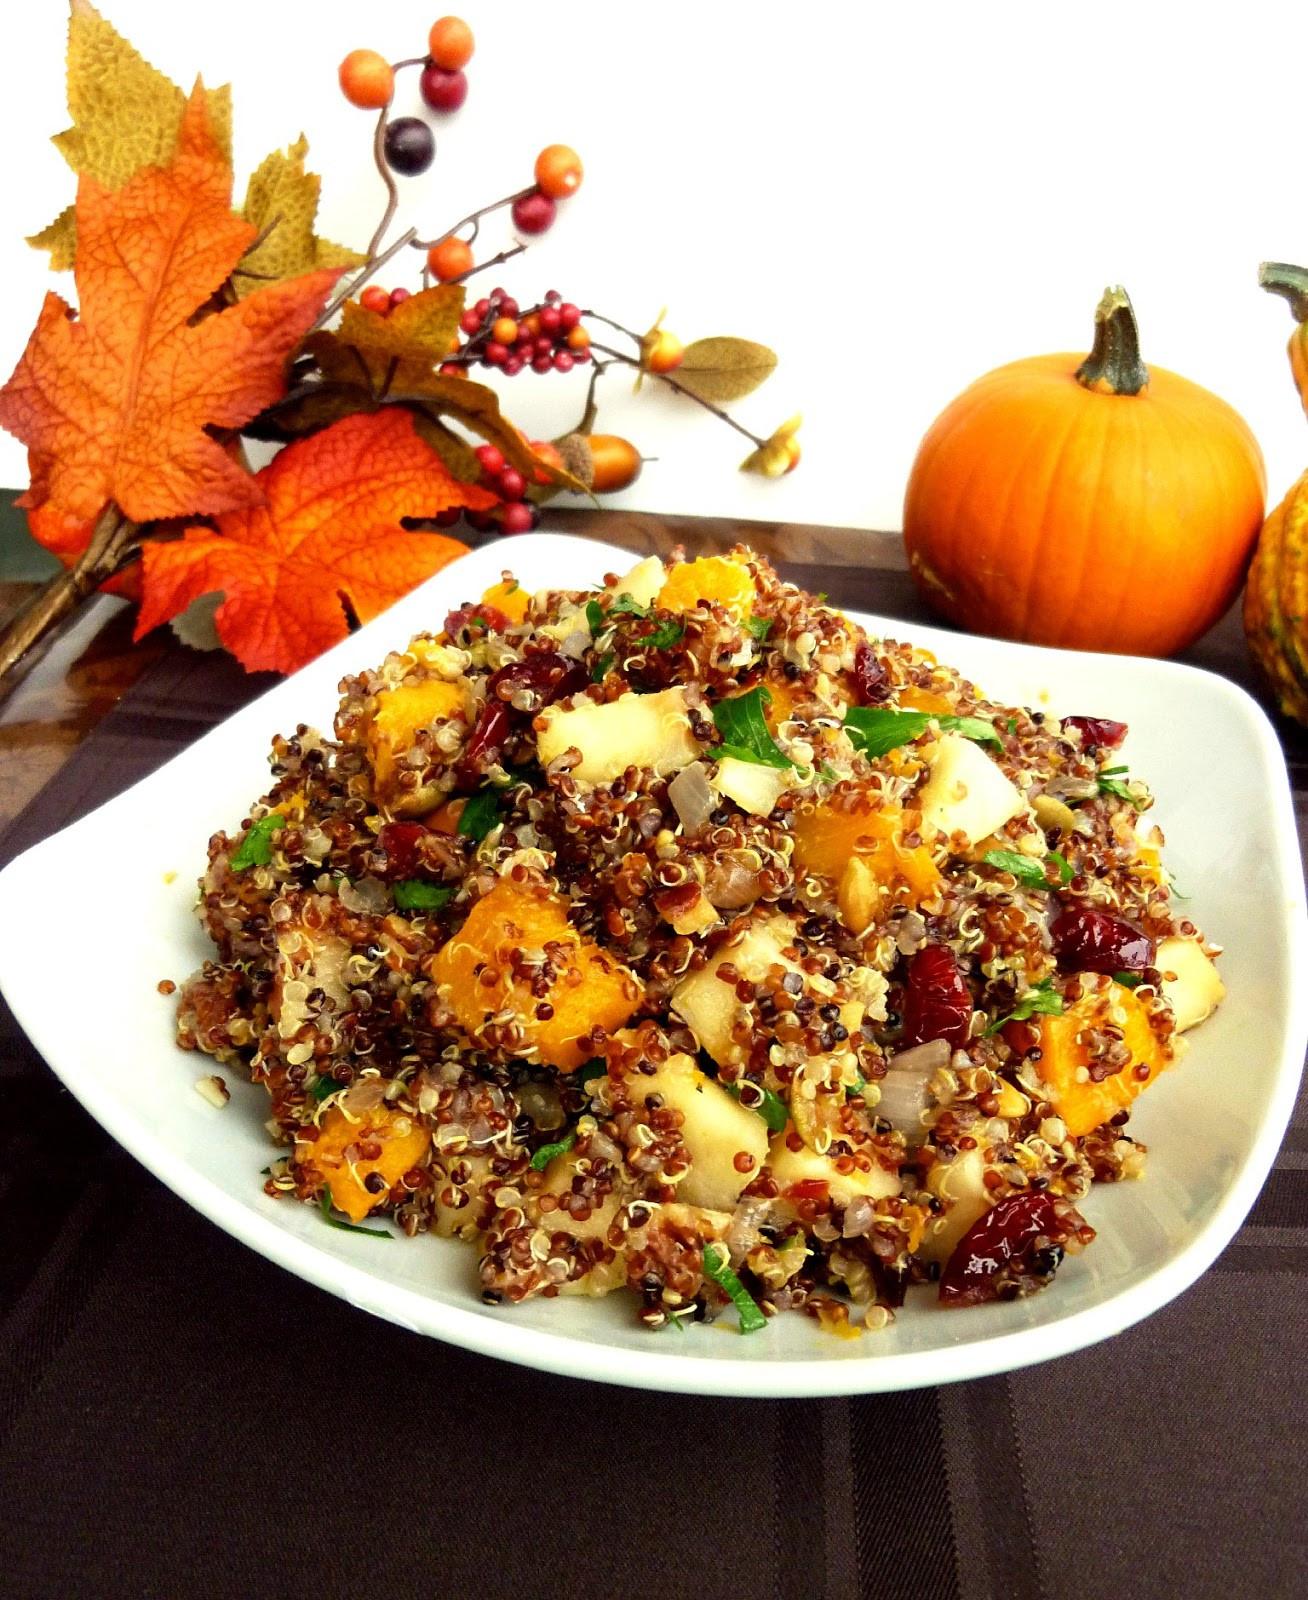 Best Vegetarian Thanksgiving Recipes  Vanilla & Spice Recipes for a Ve arian Thanksgiving